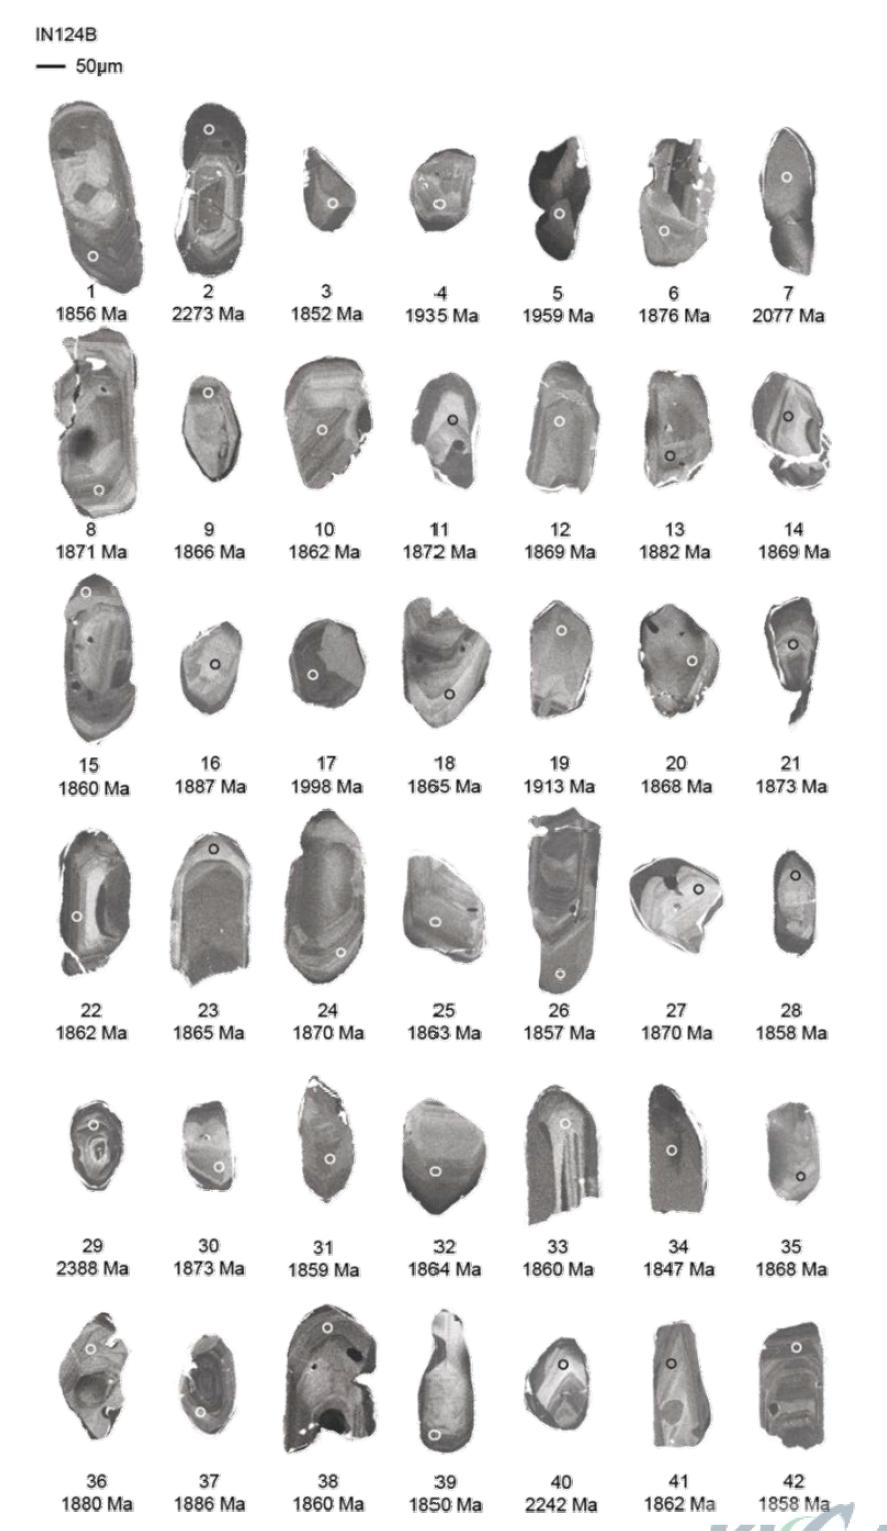 인천 검단 지역의 규암(IN124B) 저어콘의 음극발광영상과 LA-ICP-MS U-Pb 연령